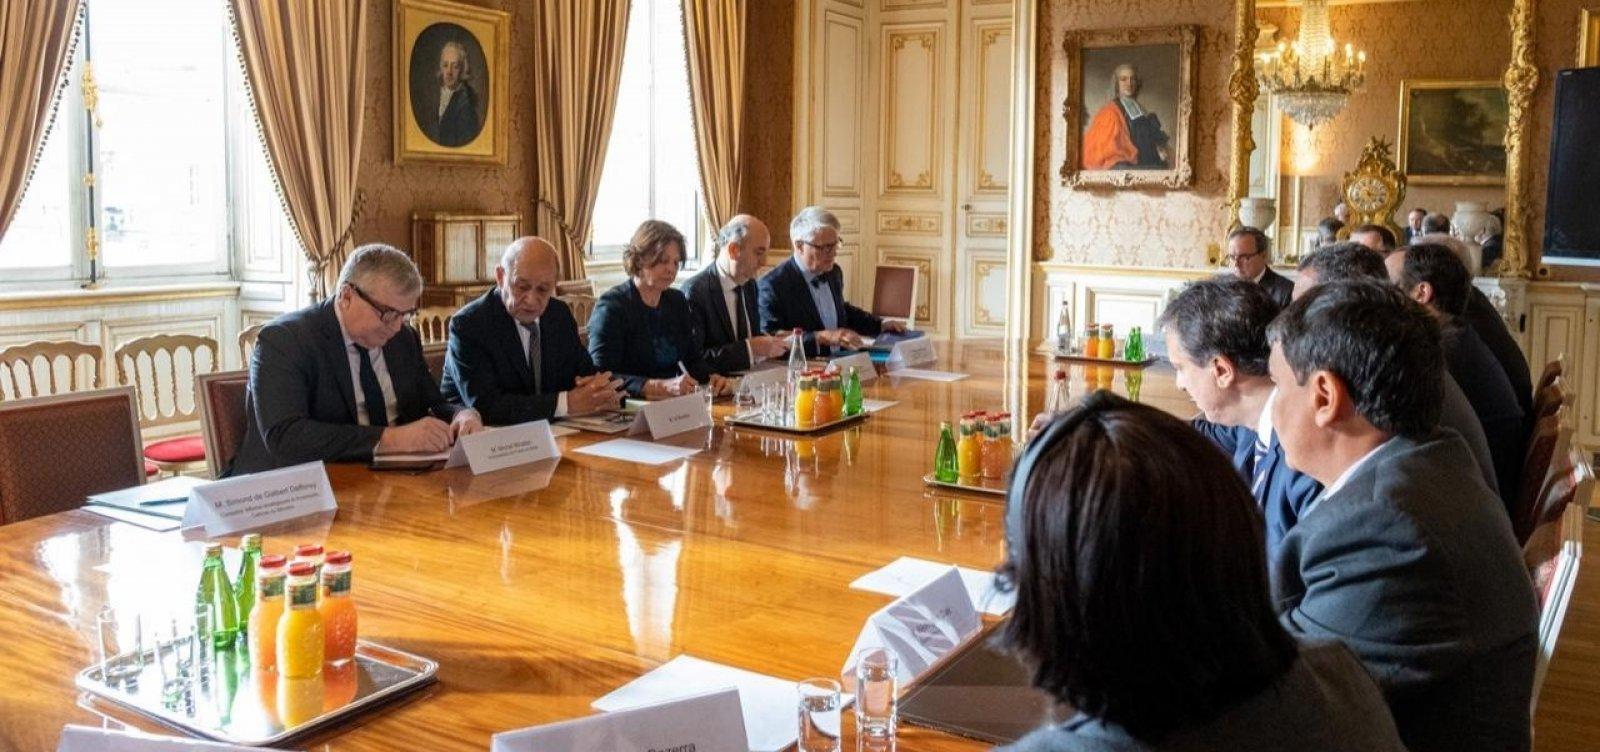 Consórcio do Nordeste firma parceria com a França nas áreas de meio ambiente e cidade sustentável